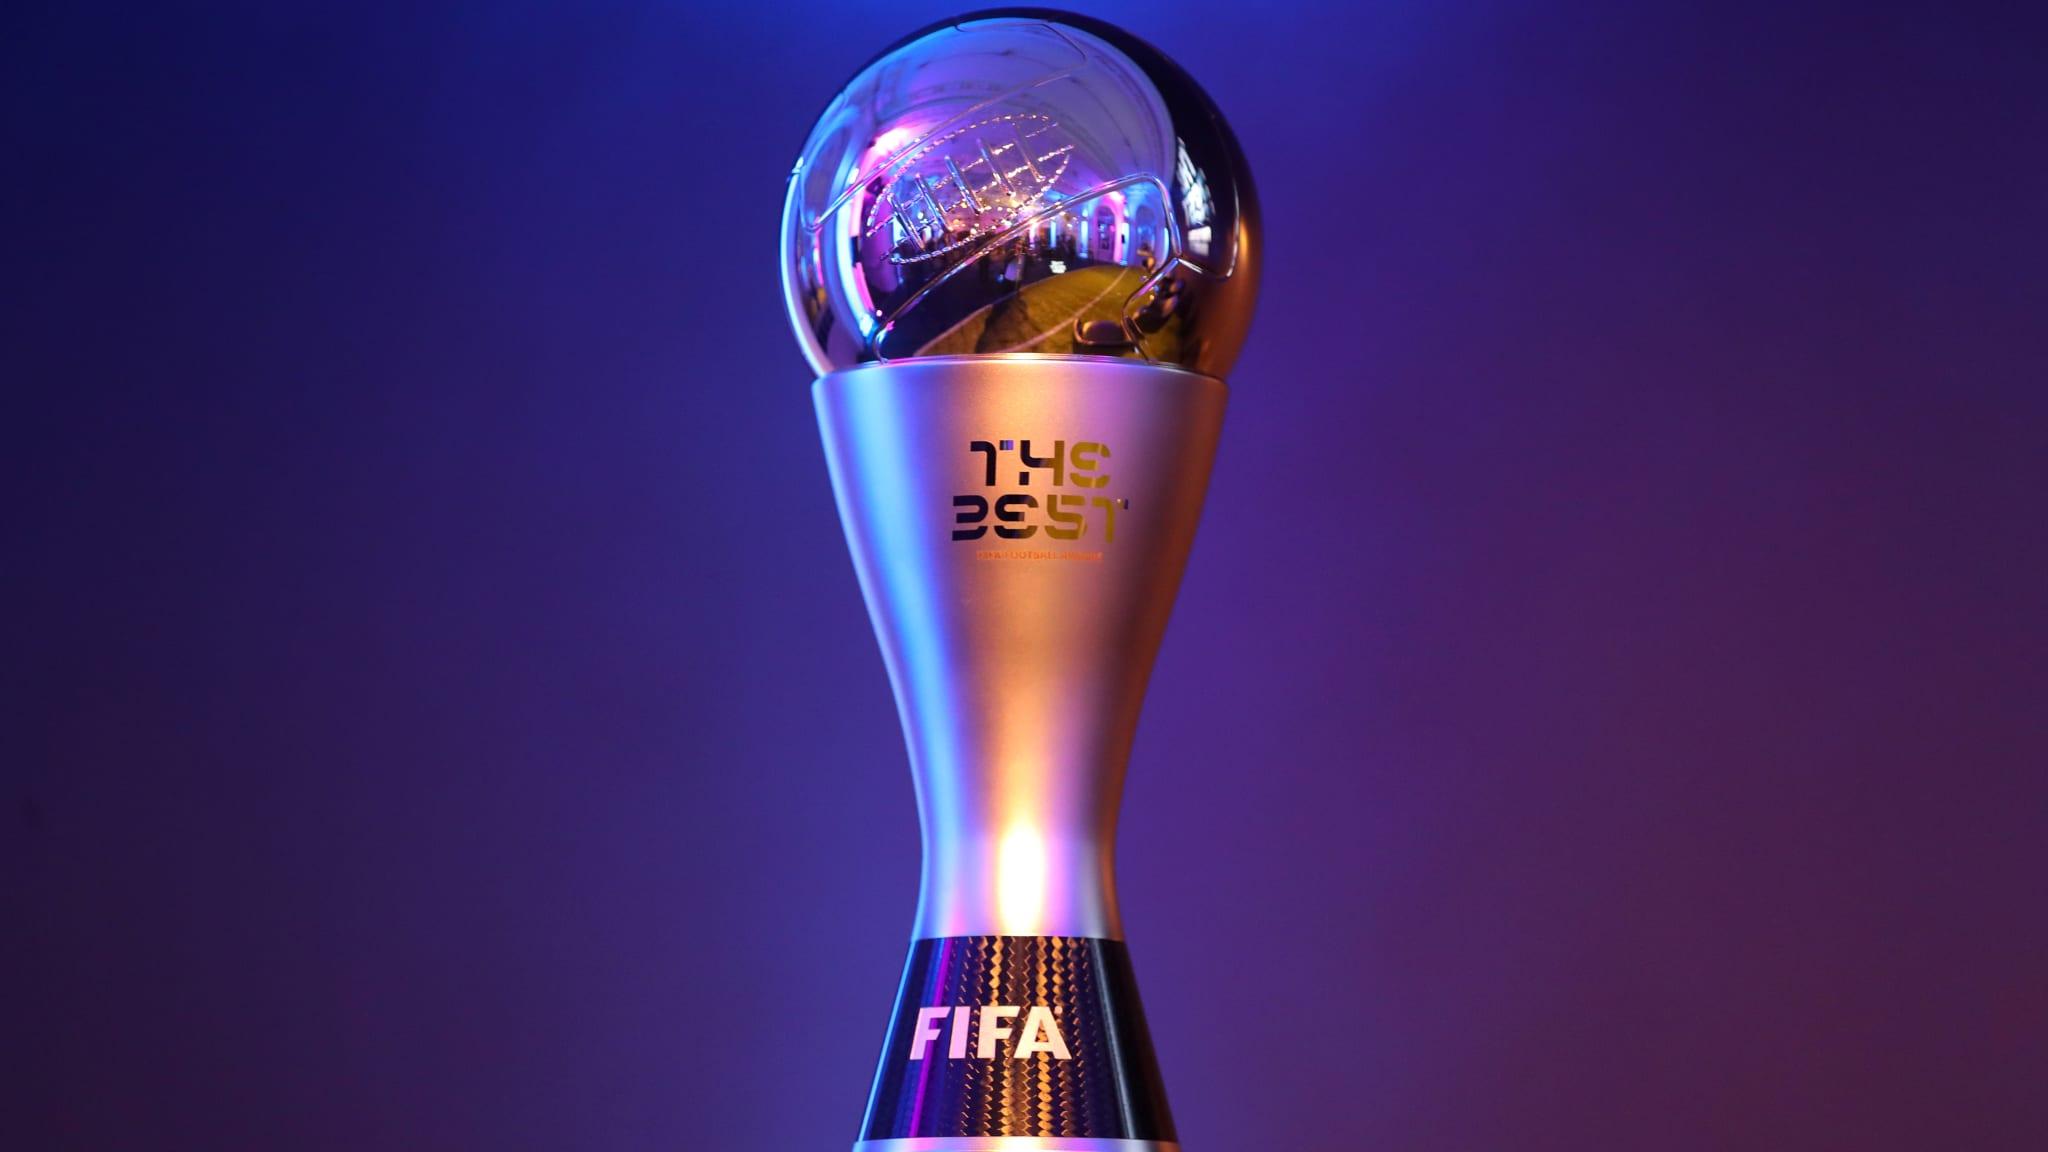 FIFA官方:年度最佳投票结果真实性毋庸置疑